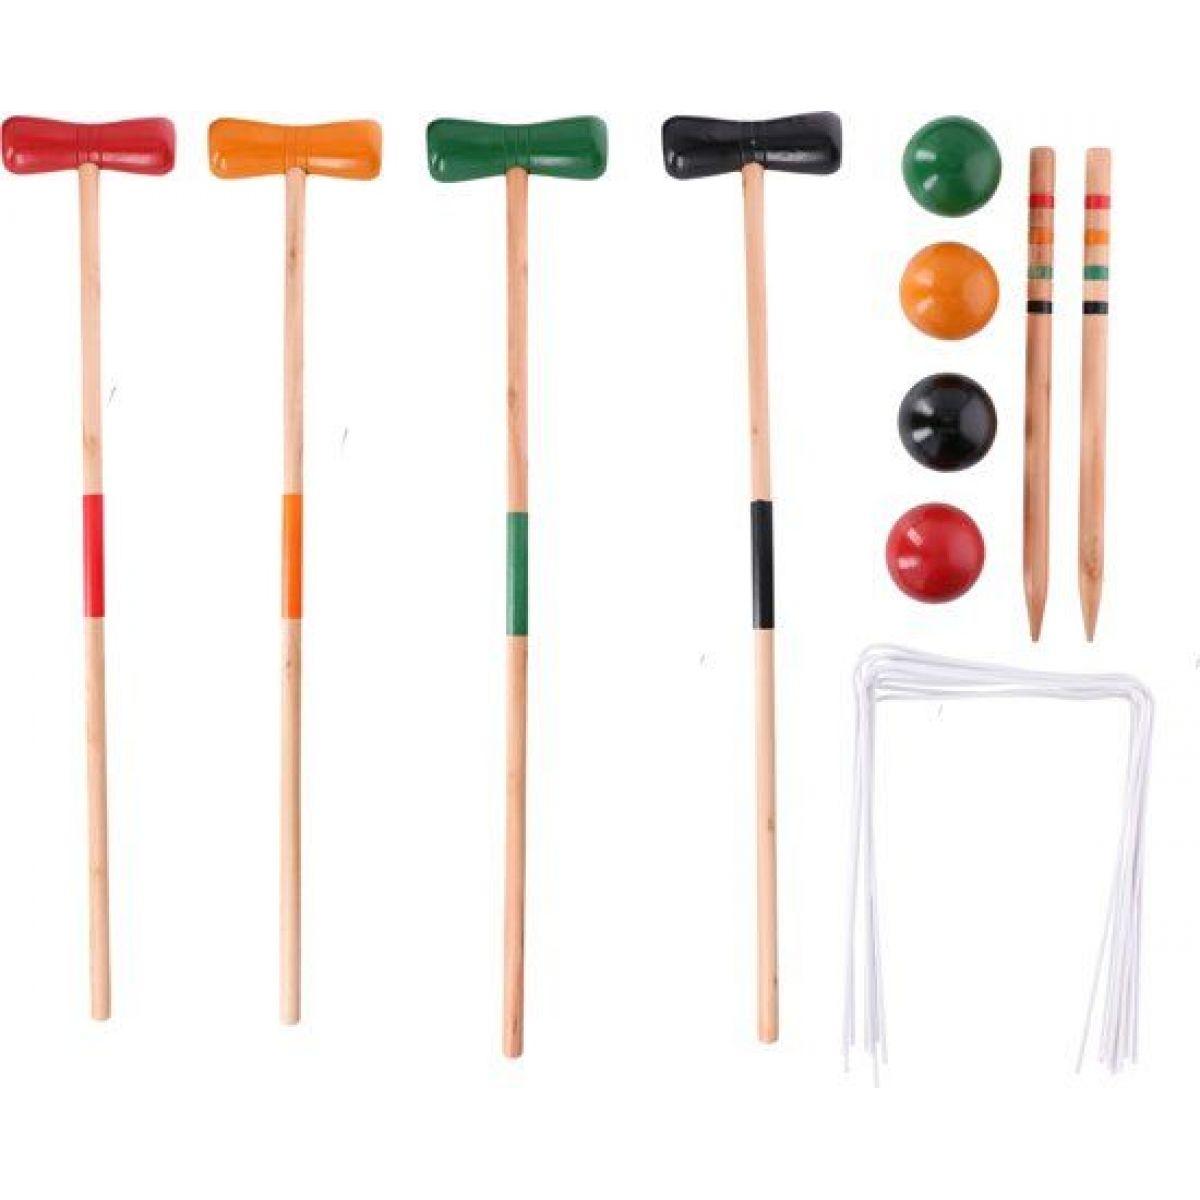 Hra Kroket dřevo pro 4 hráče v krabici